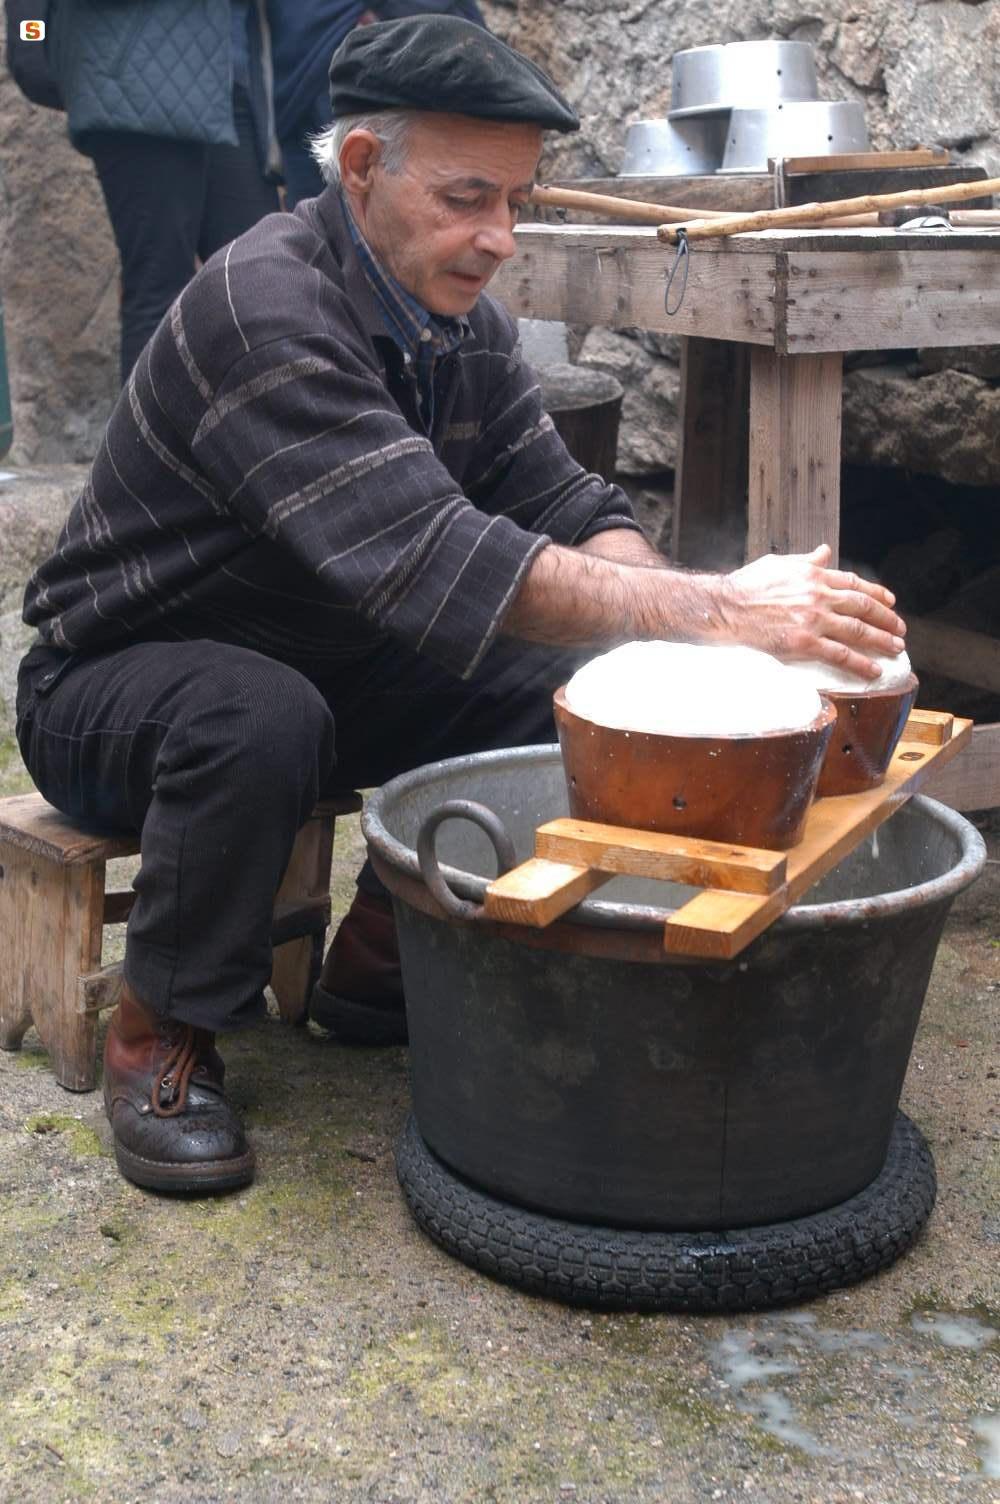 Anziano sardo facendo il formaggio